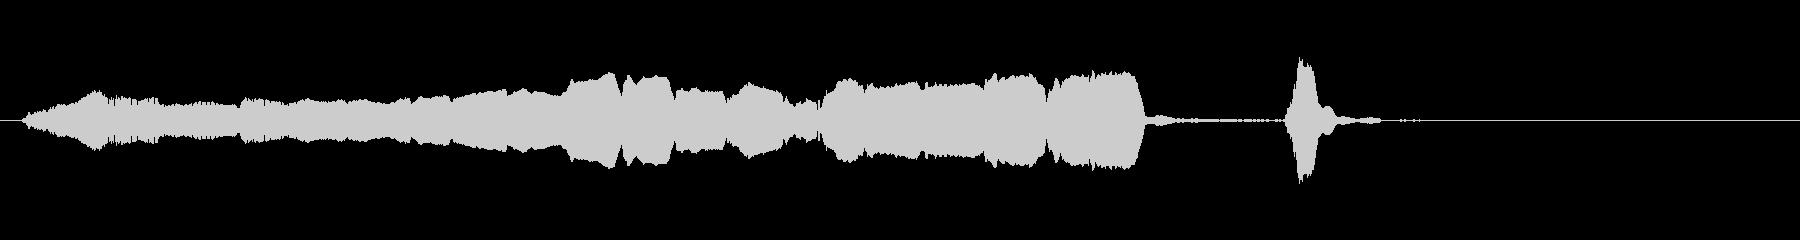 フルート:ショートウェーブアクセン...の未再生の波形